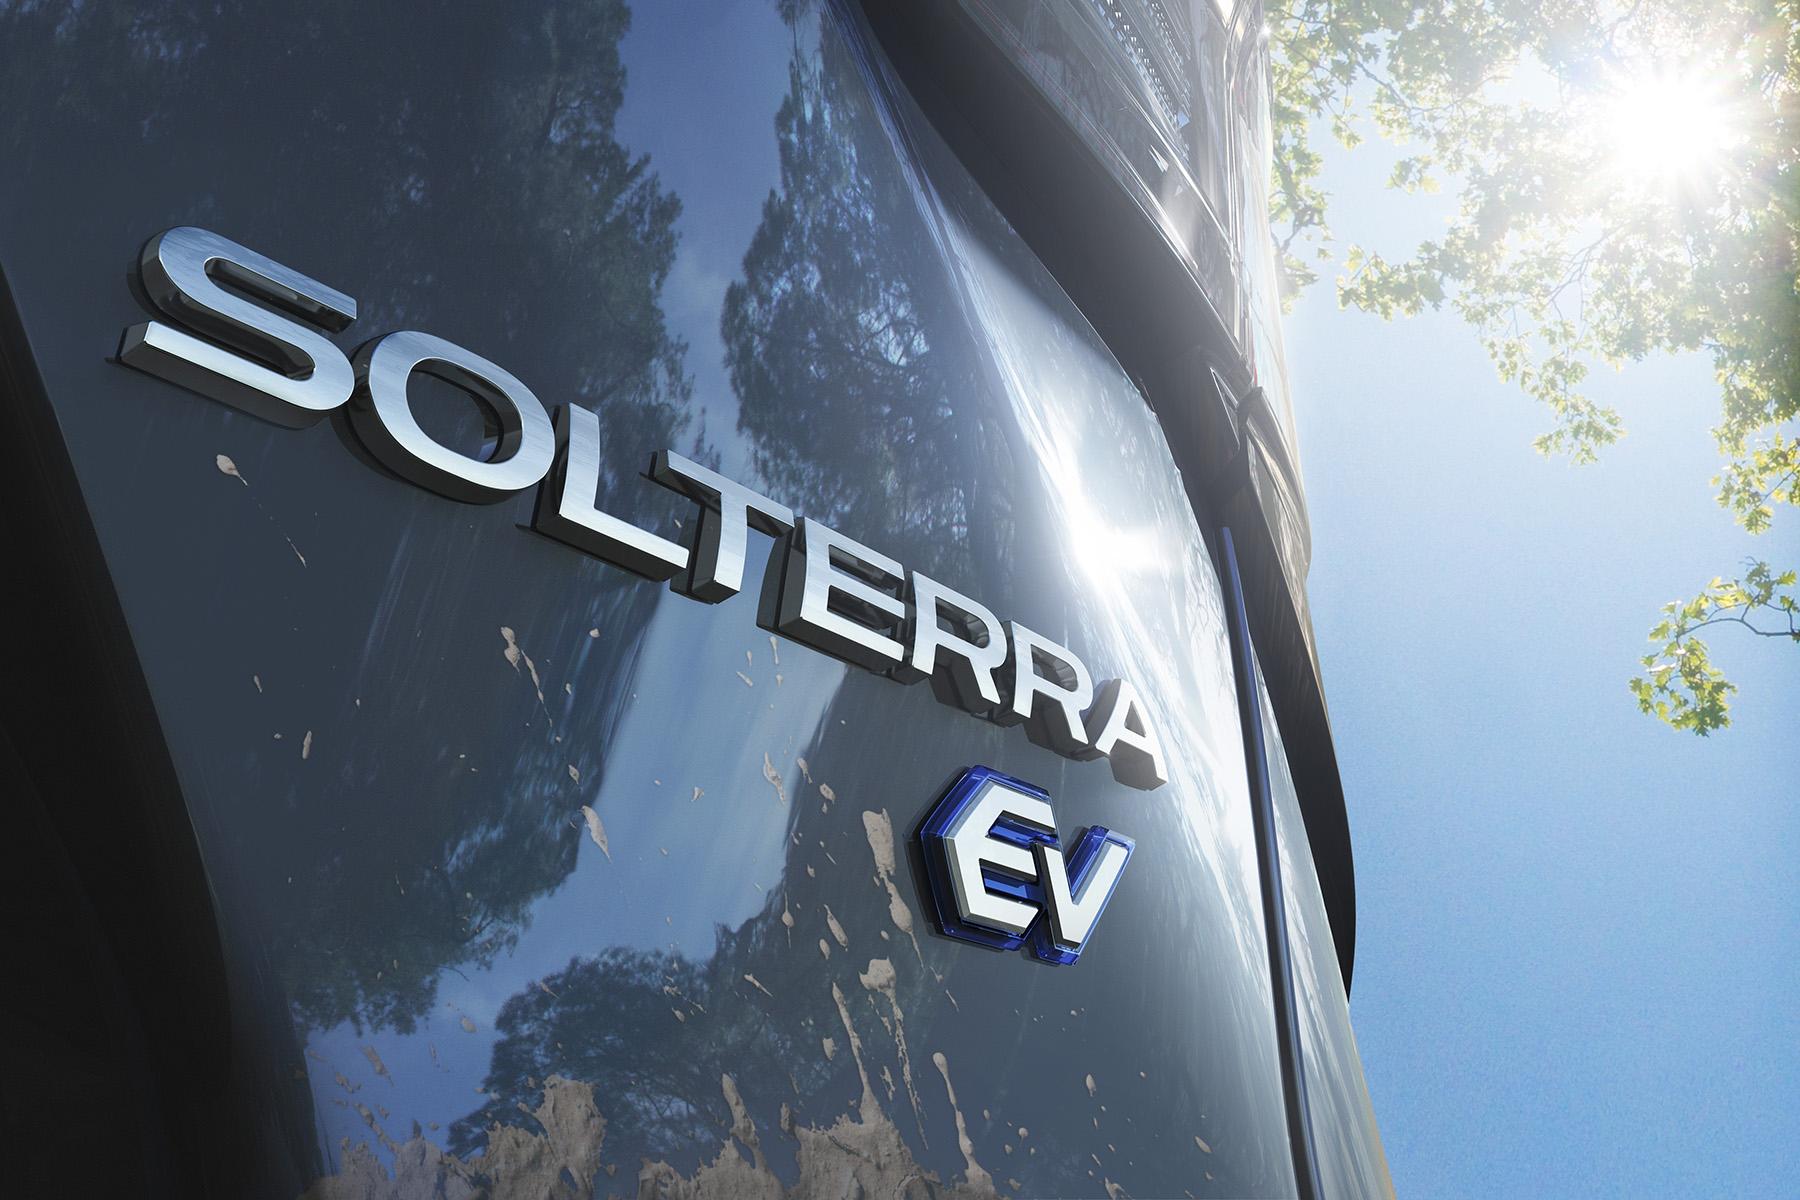 Automobil Suv, Solterra Subaru